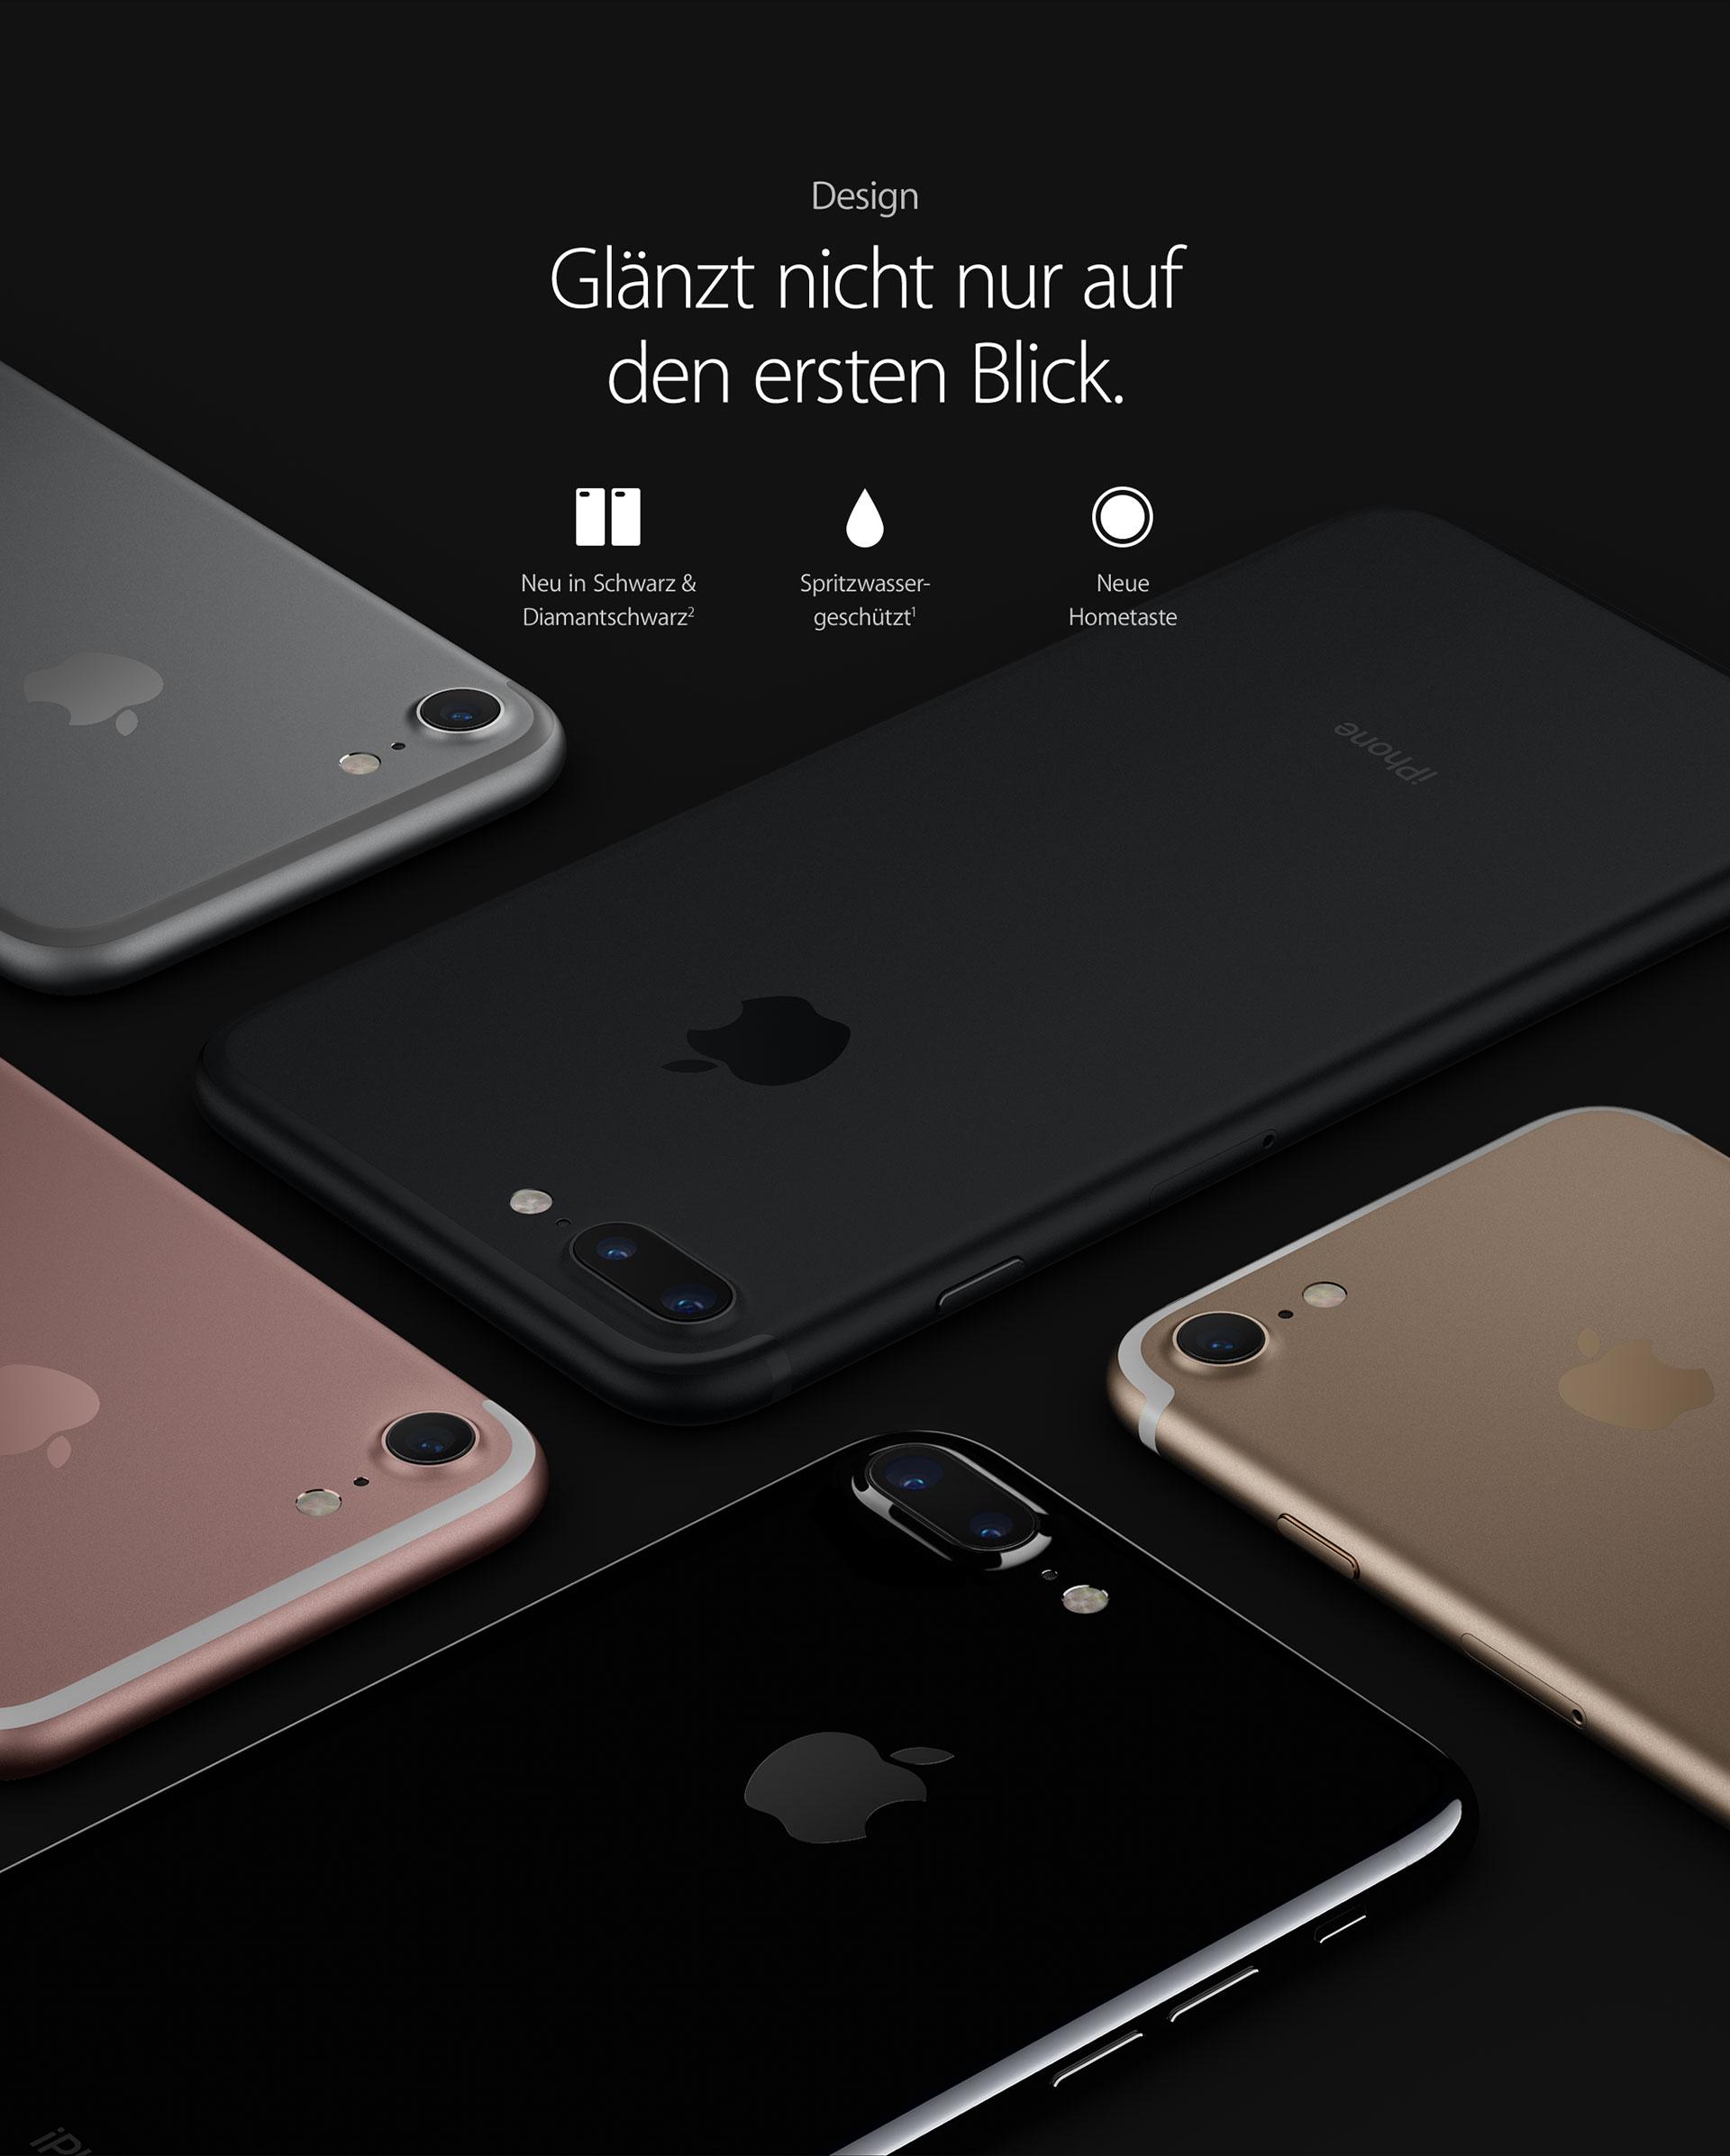 Bildergebnis für iphone 7